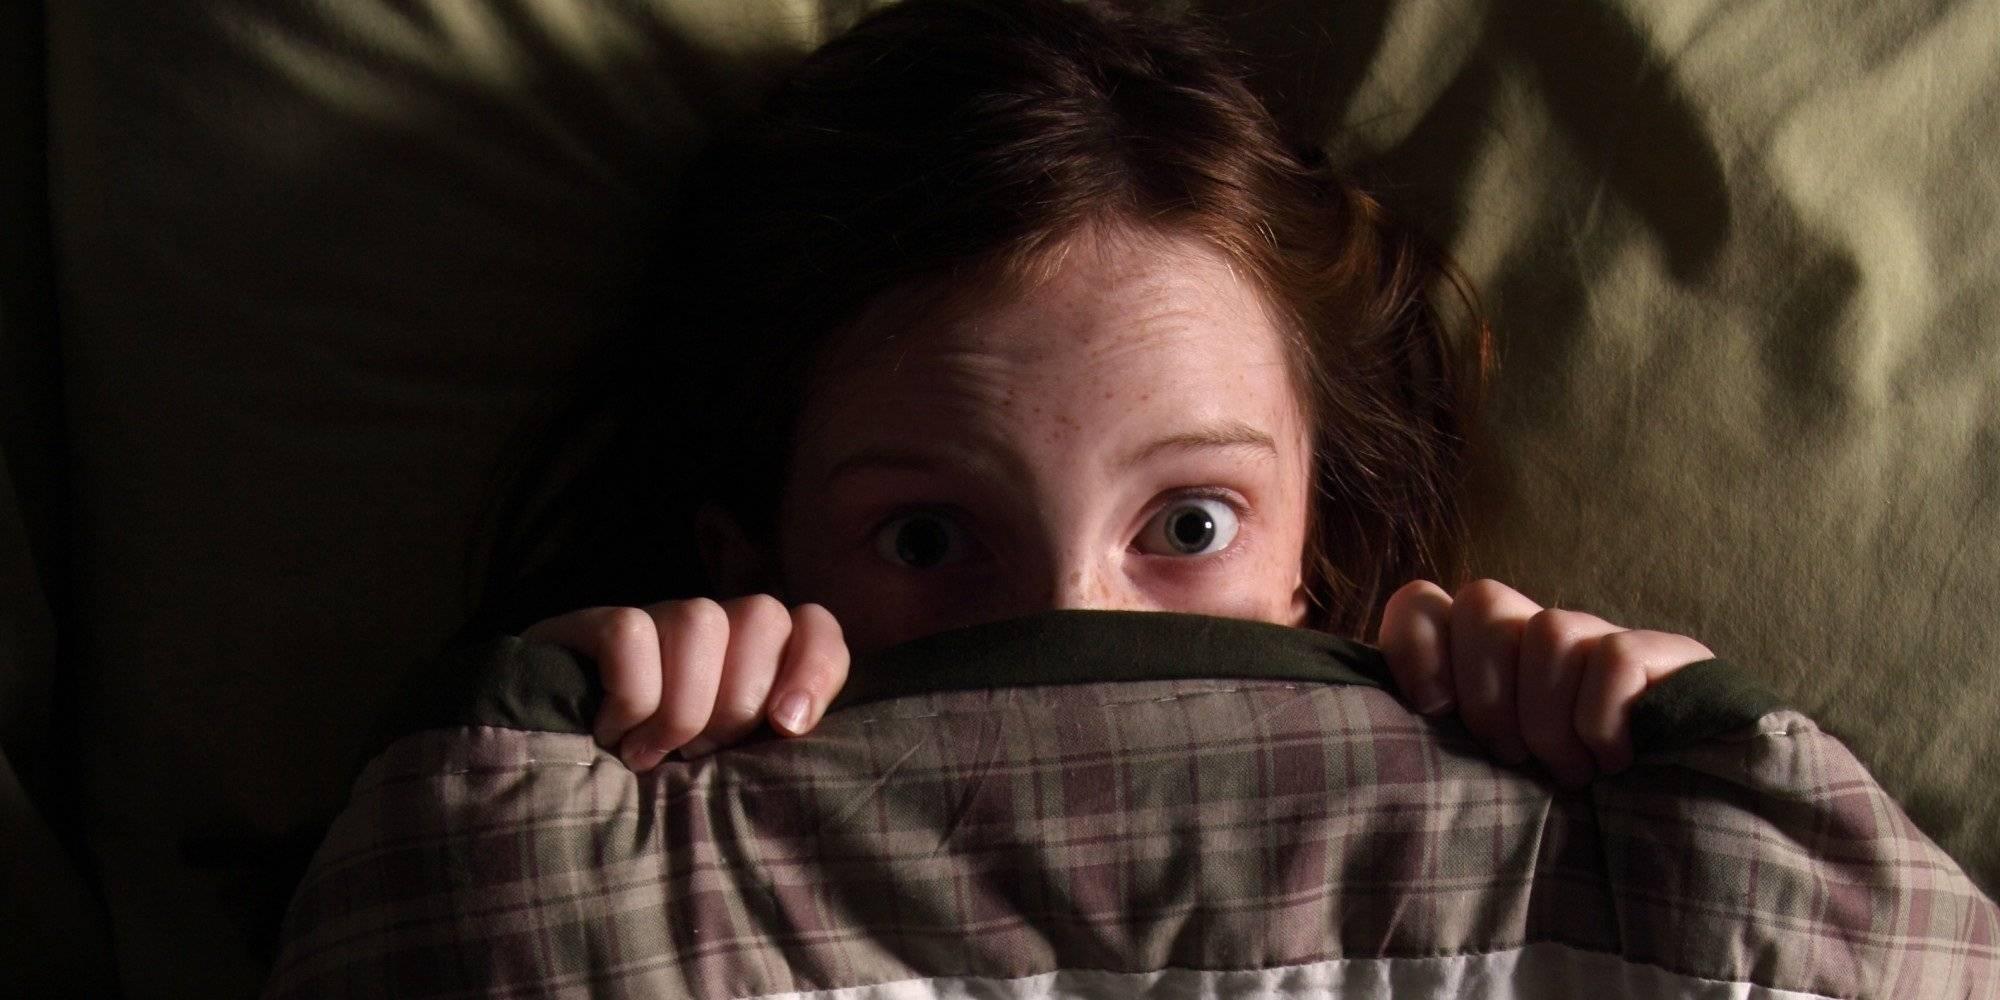 как избавиться от страха от темноты